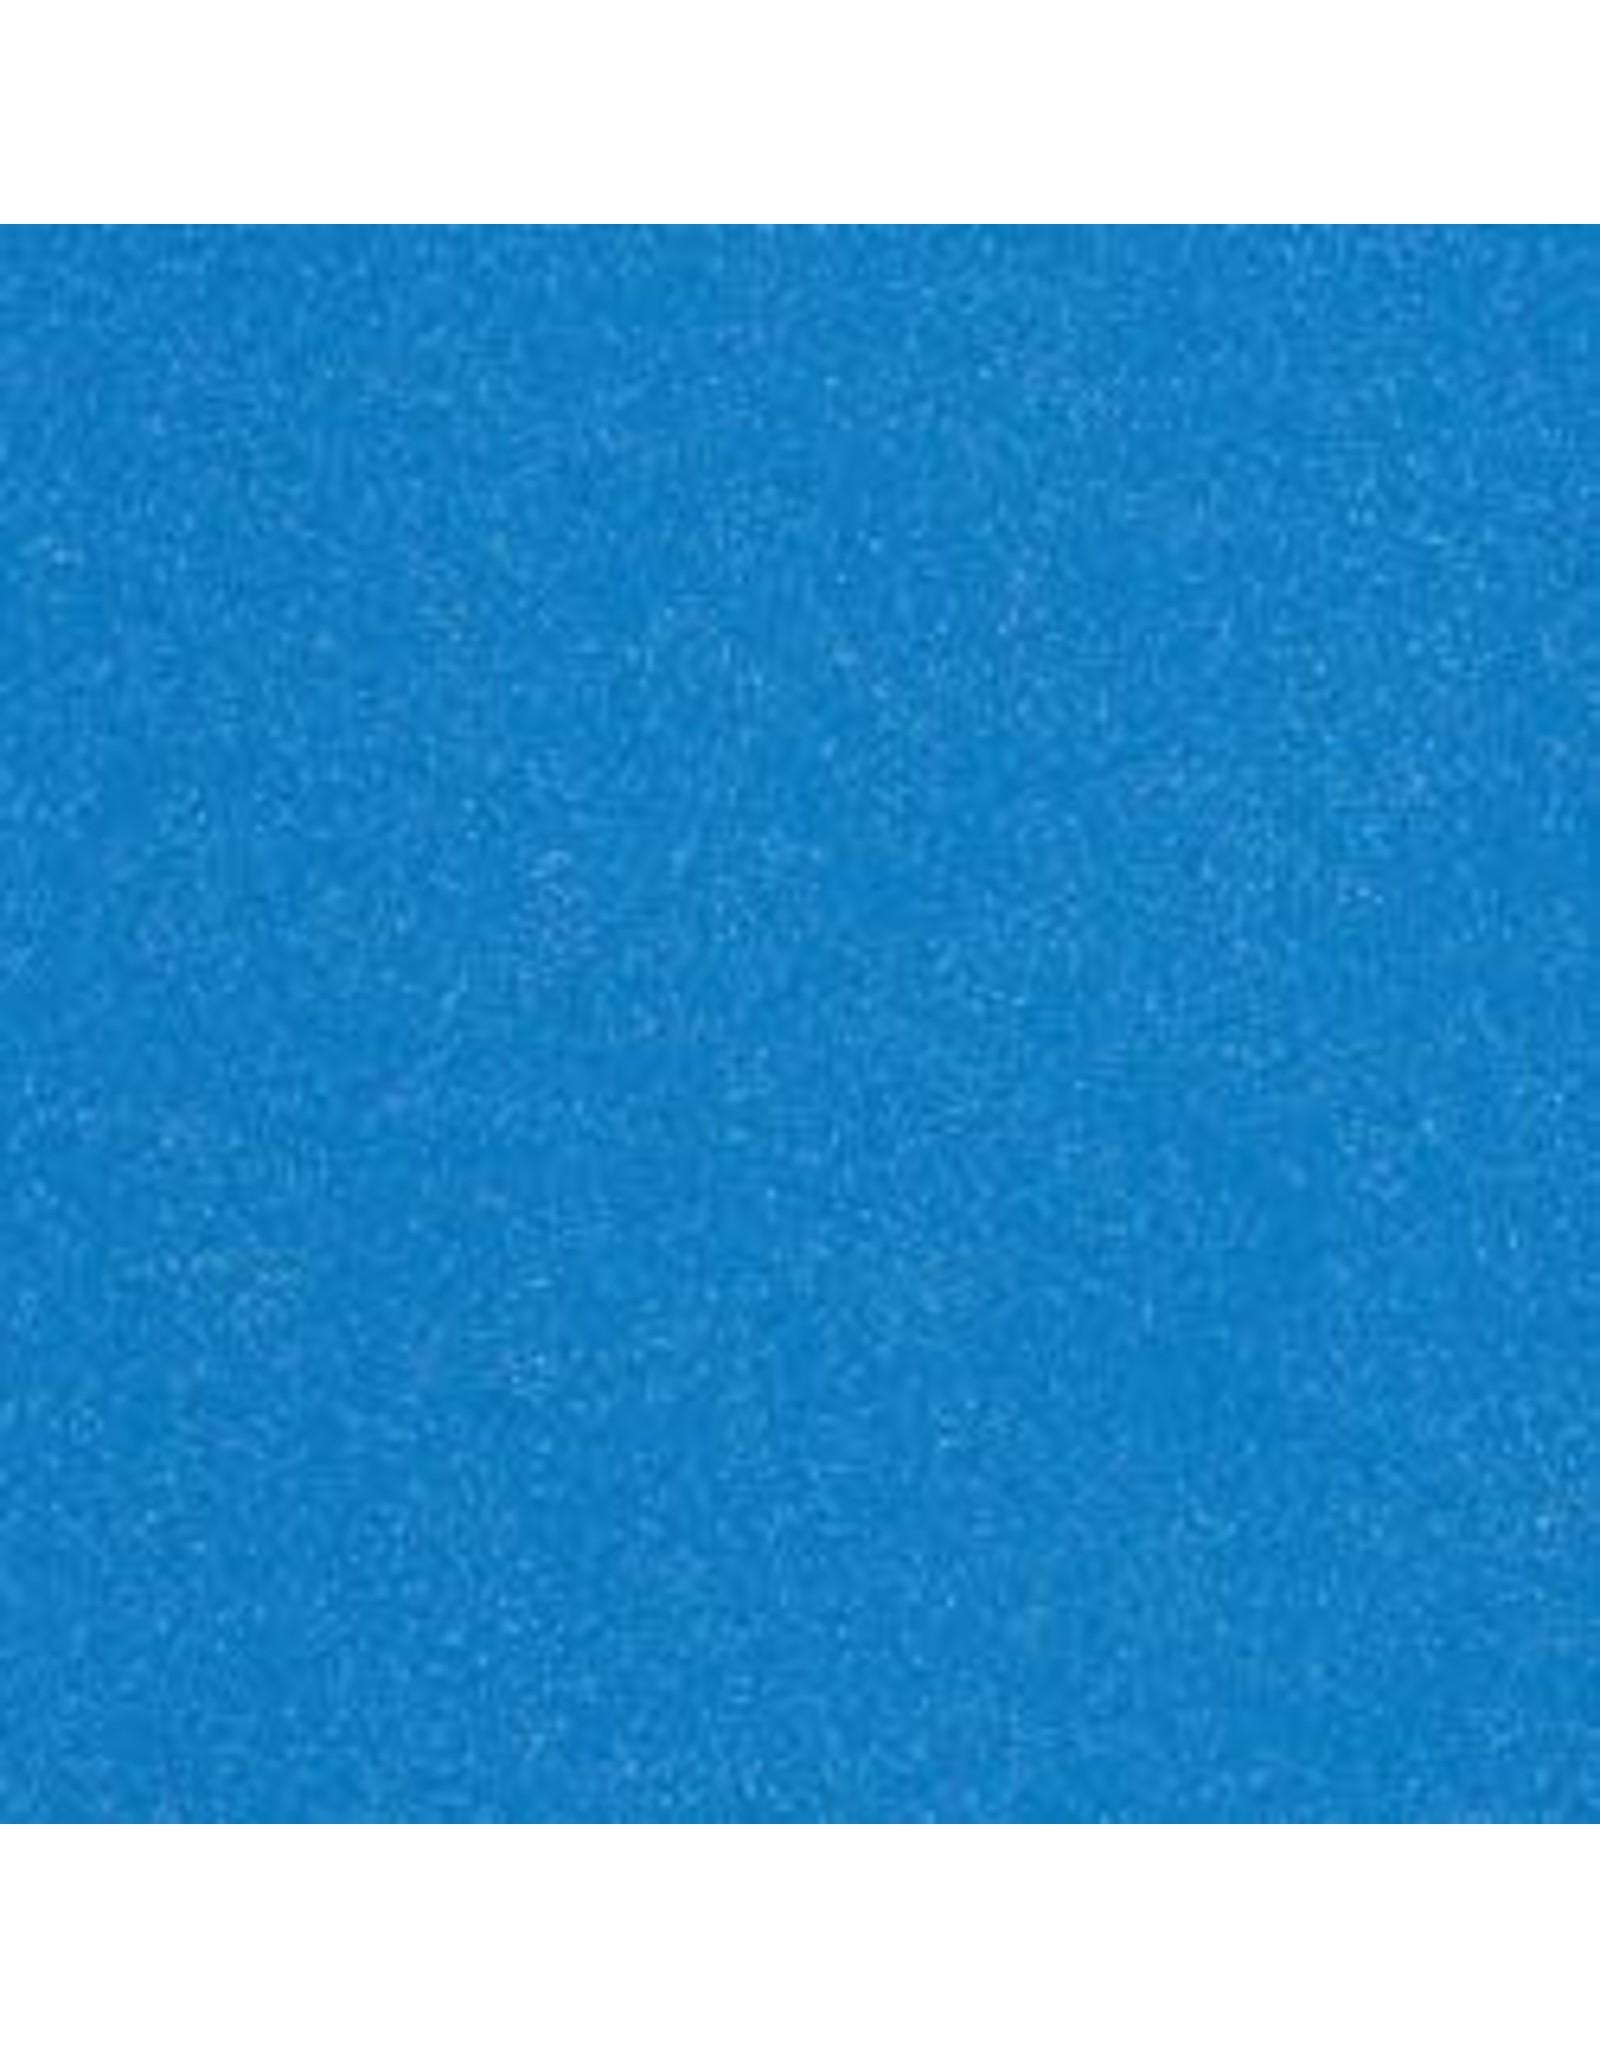 Doodlebug Design 12x12 blue jean sugar coated cardstock